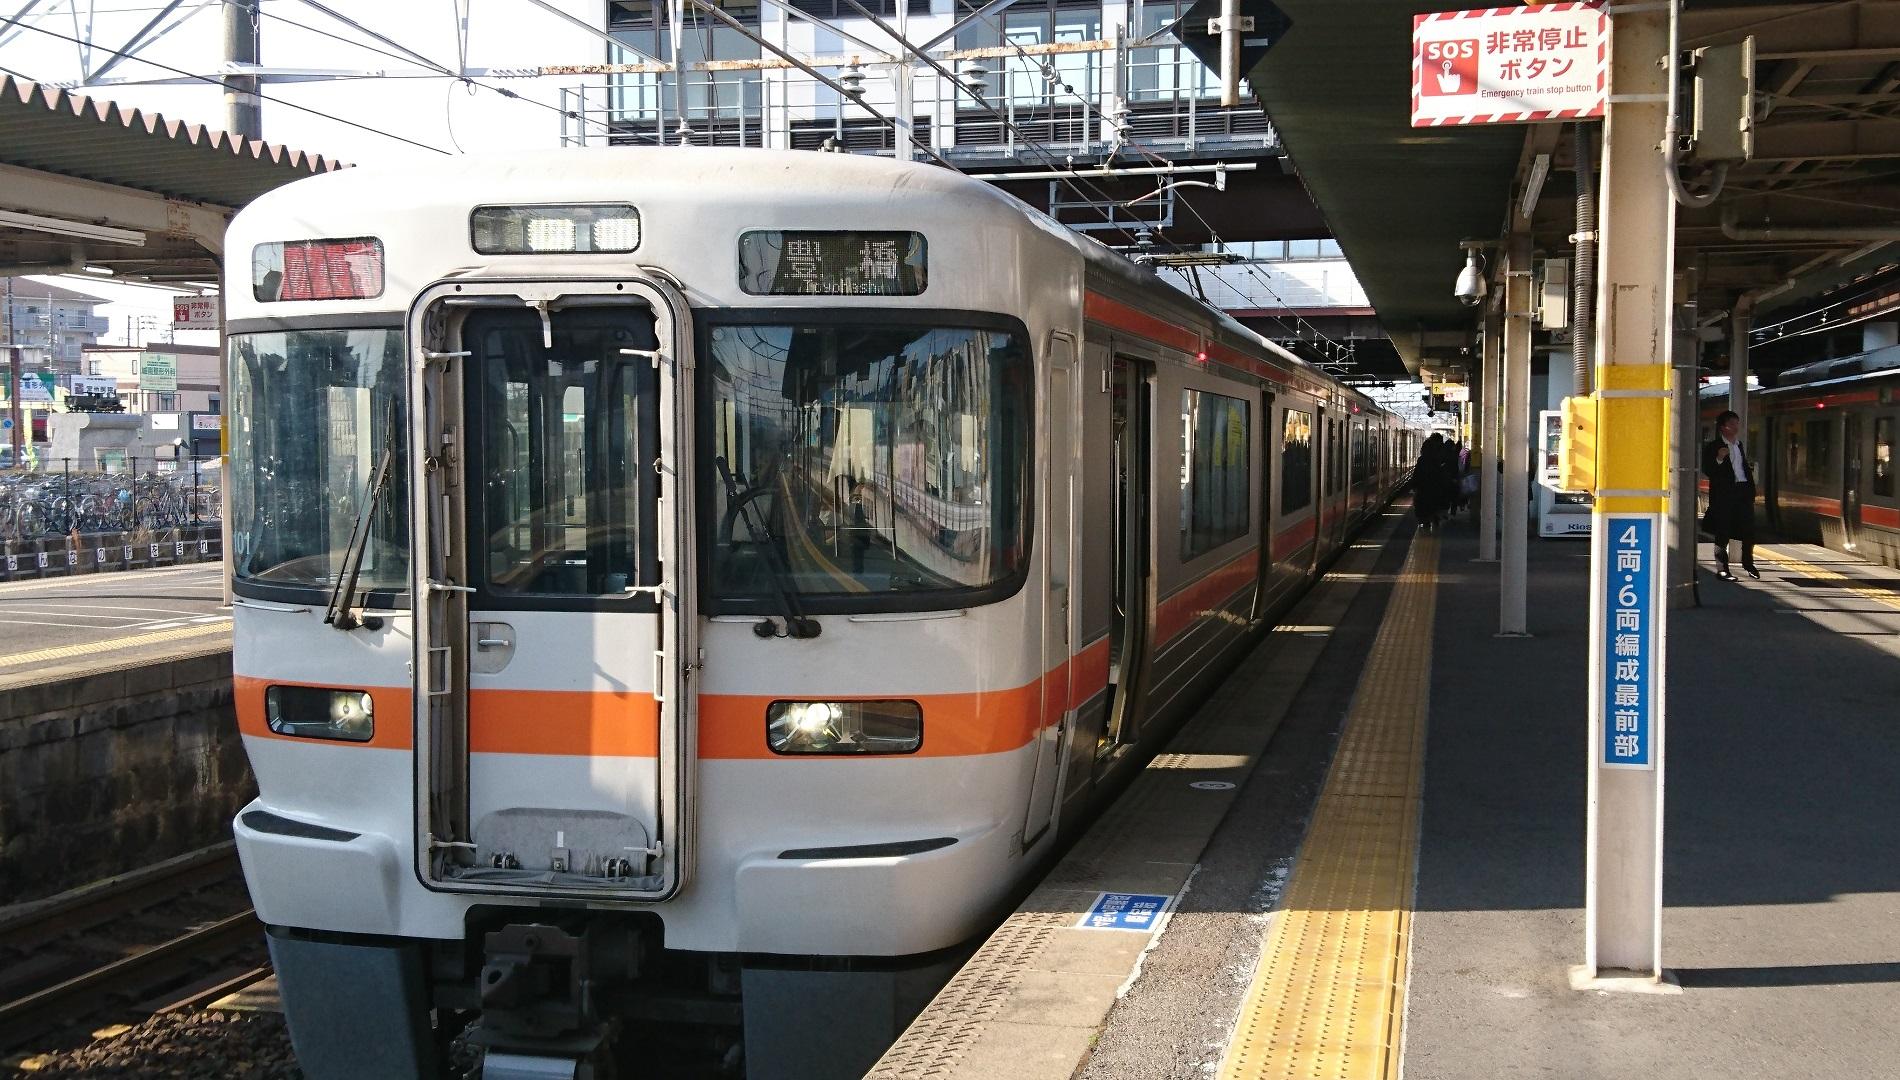 2017.3.27 東海道線 (9) 岡崎 - 豊橋いき新快速 1900-1080